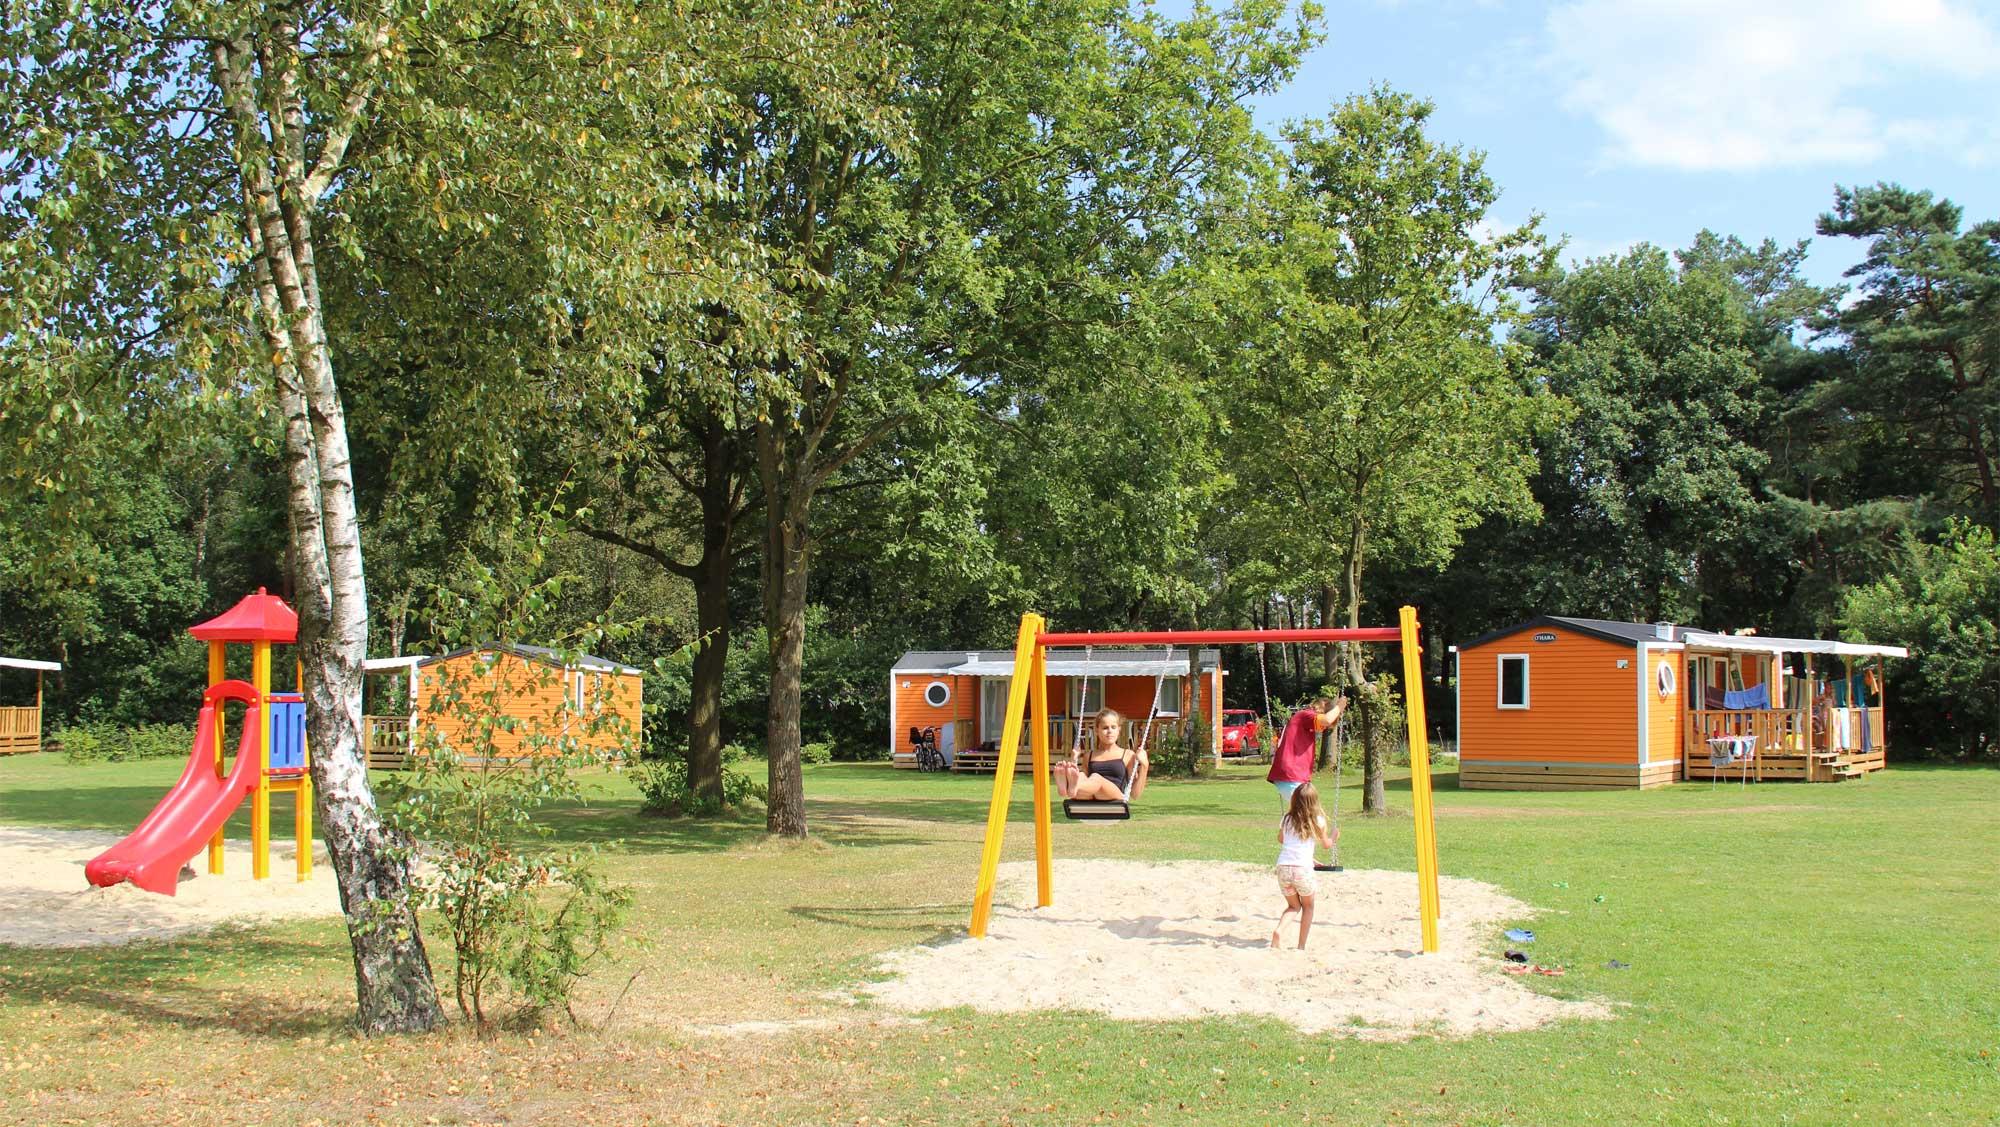 6pers chalet Zonnedauw Molecaten Park De Koerberg 01